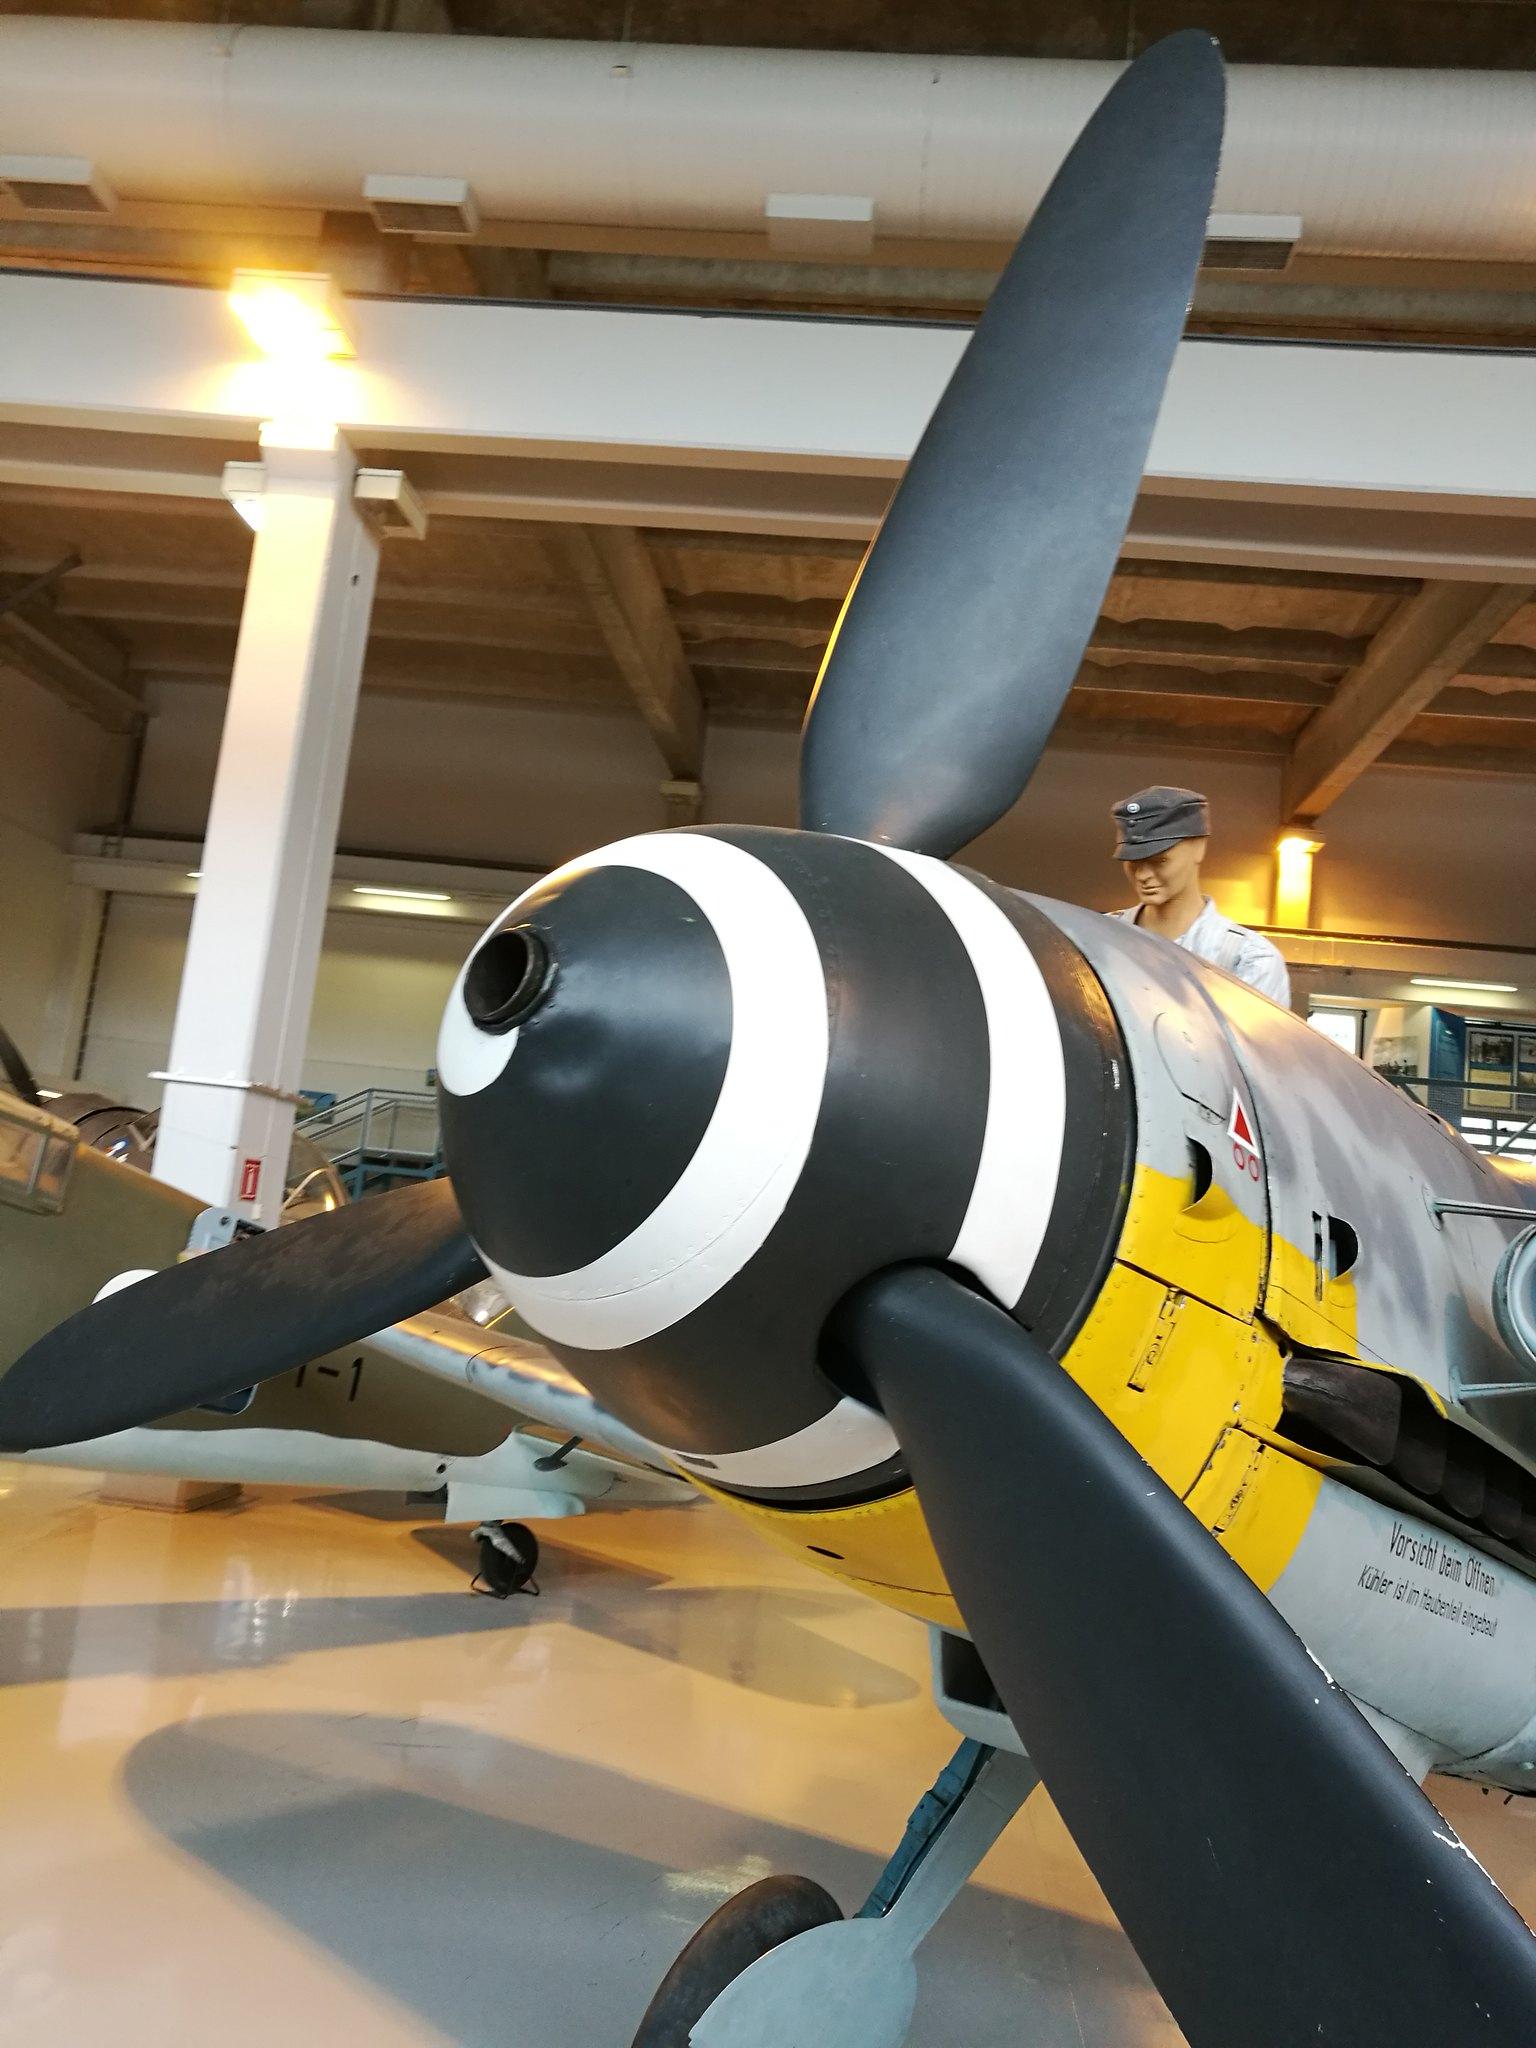 Hemkommen från semester i Finland med utflykt till Finlands Flygvapenmuseum. 48293061292_badf956122_k